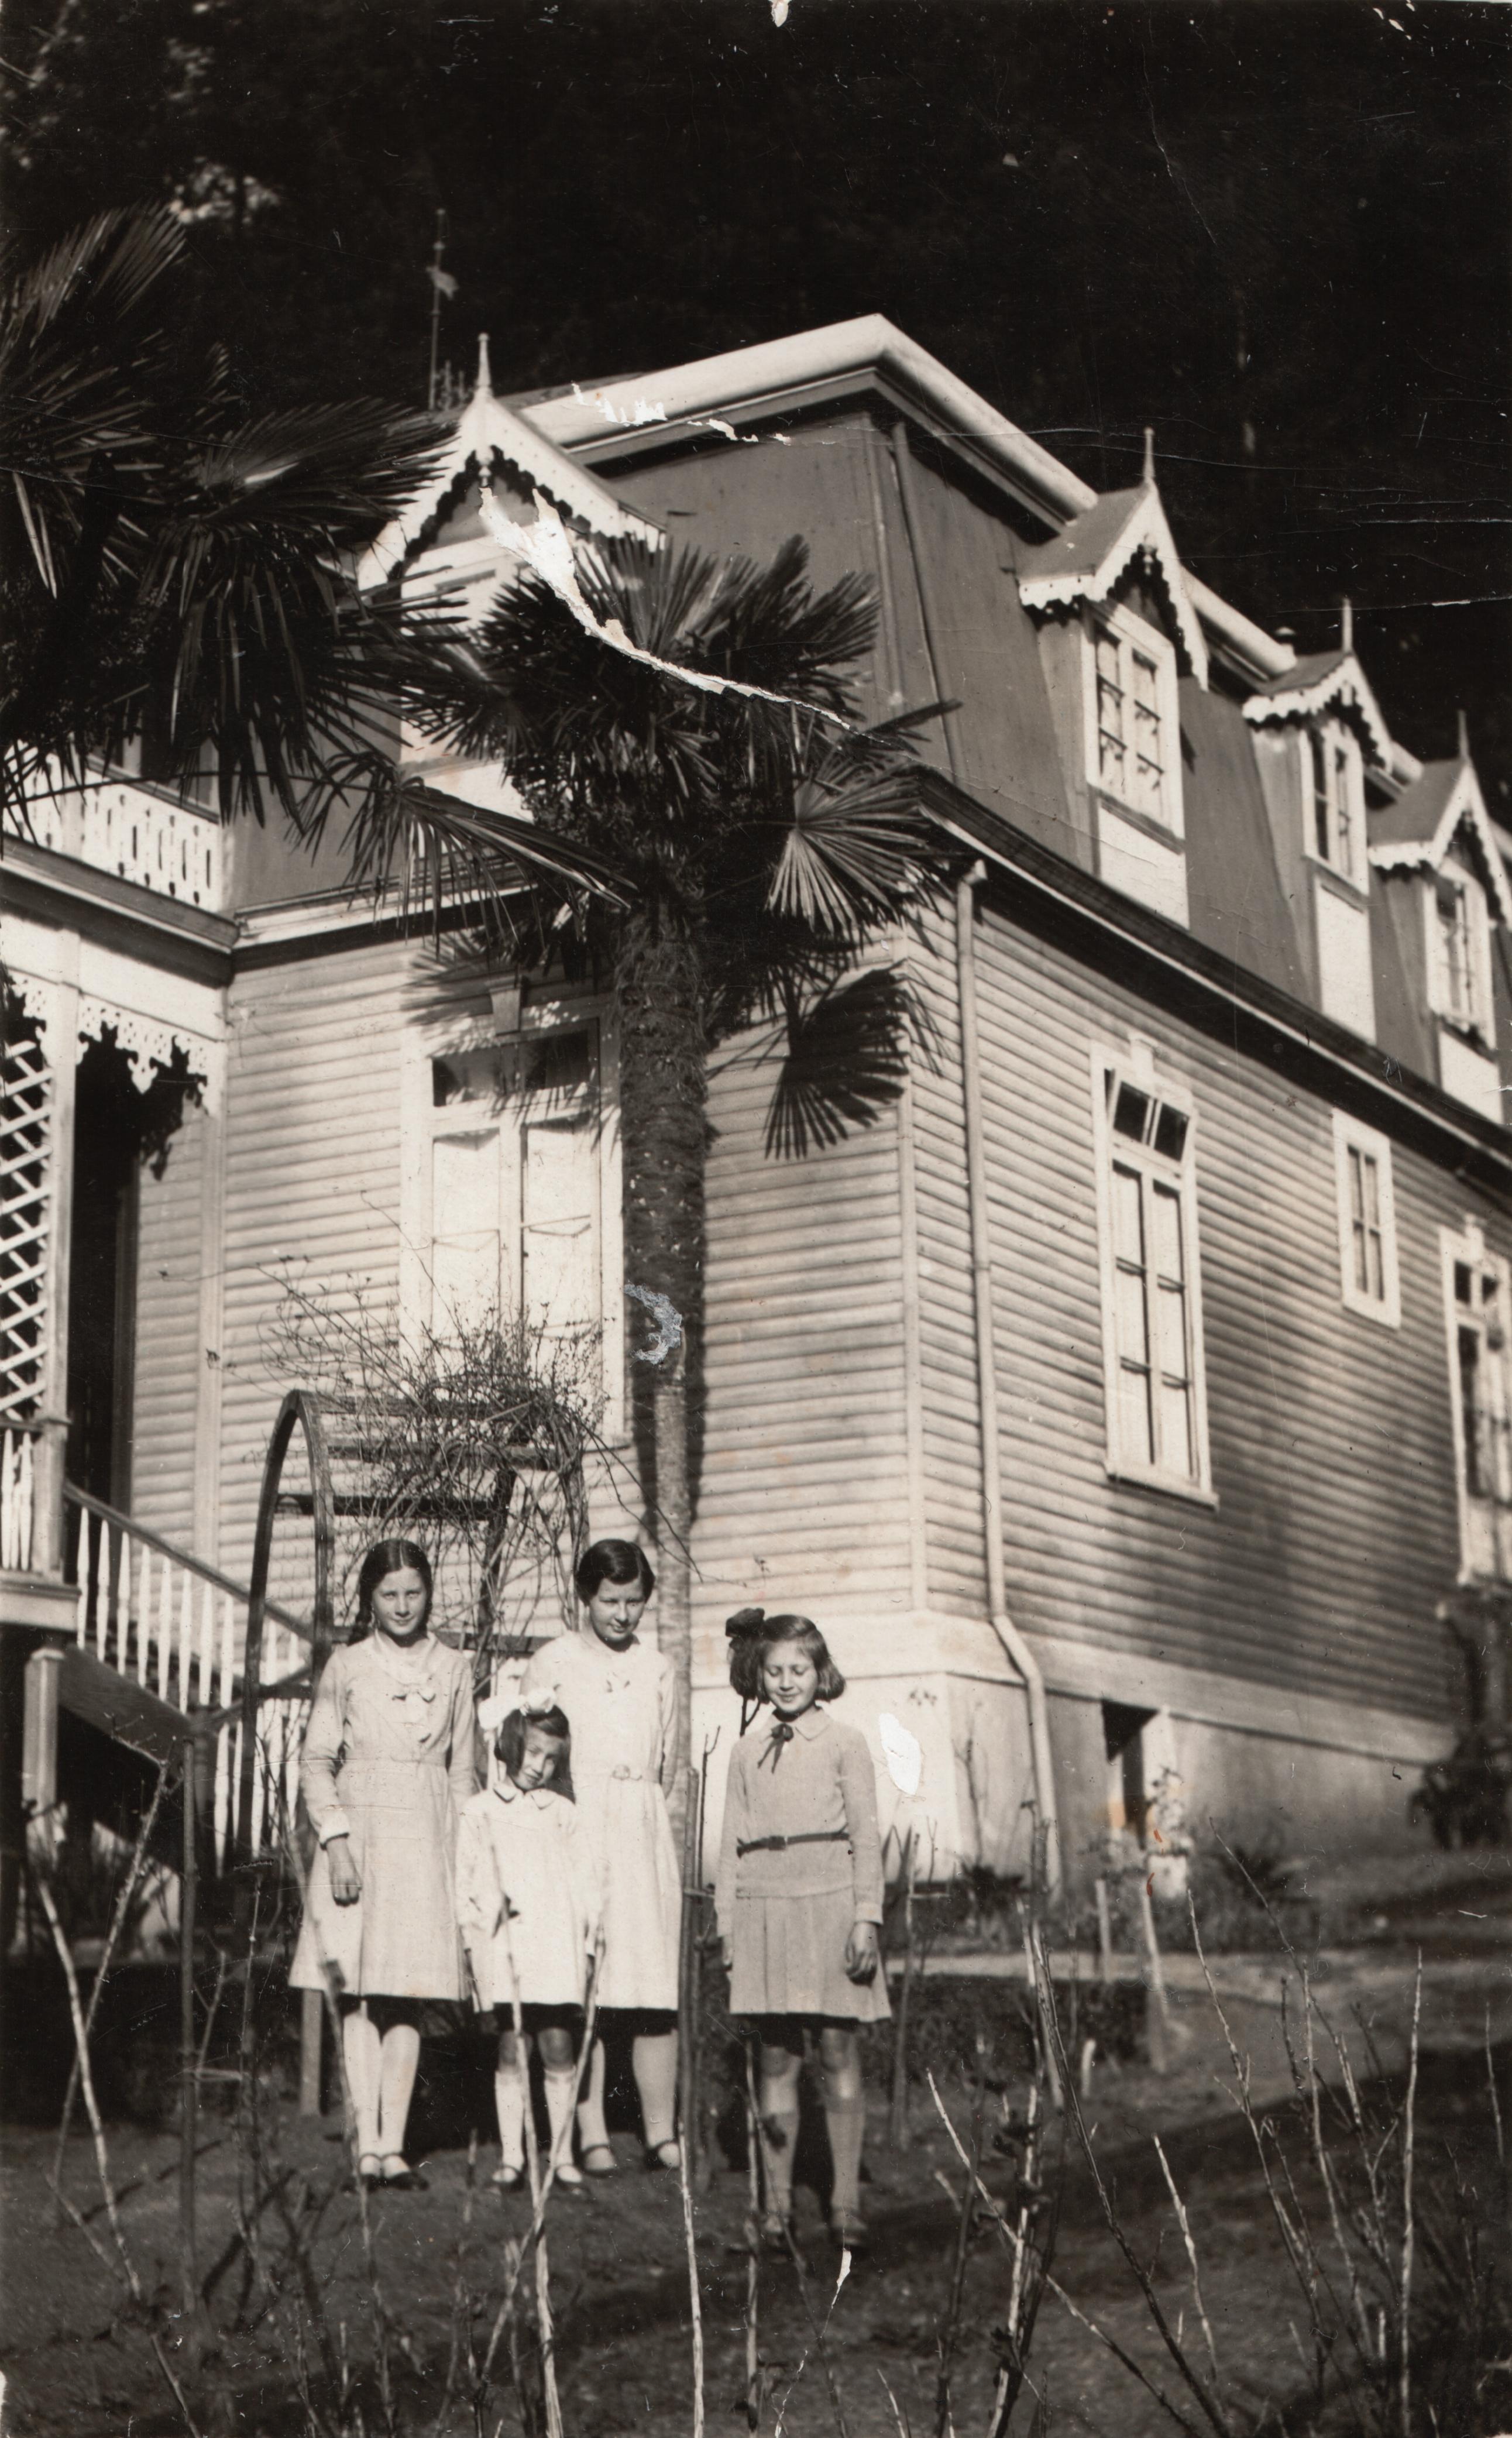 Enterreno - Fotos históricas de chile - fotos antiguas de Chile - Concepción en 1931